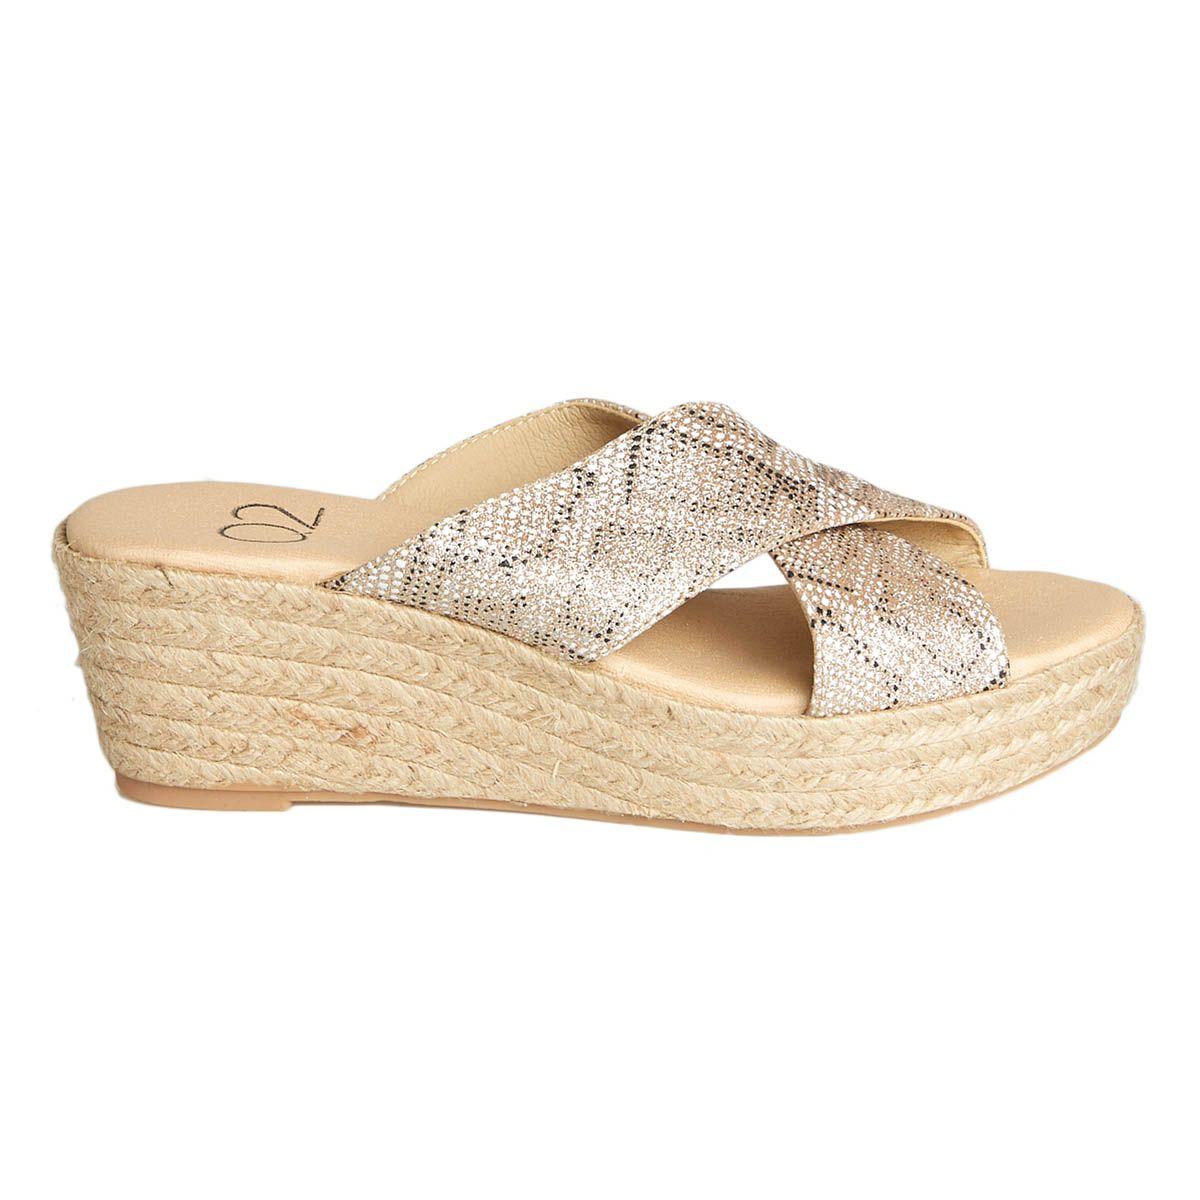 Leindia Sparto Wedge Sandal in Gold